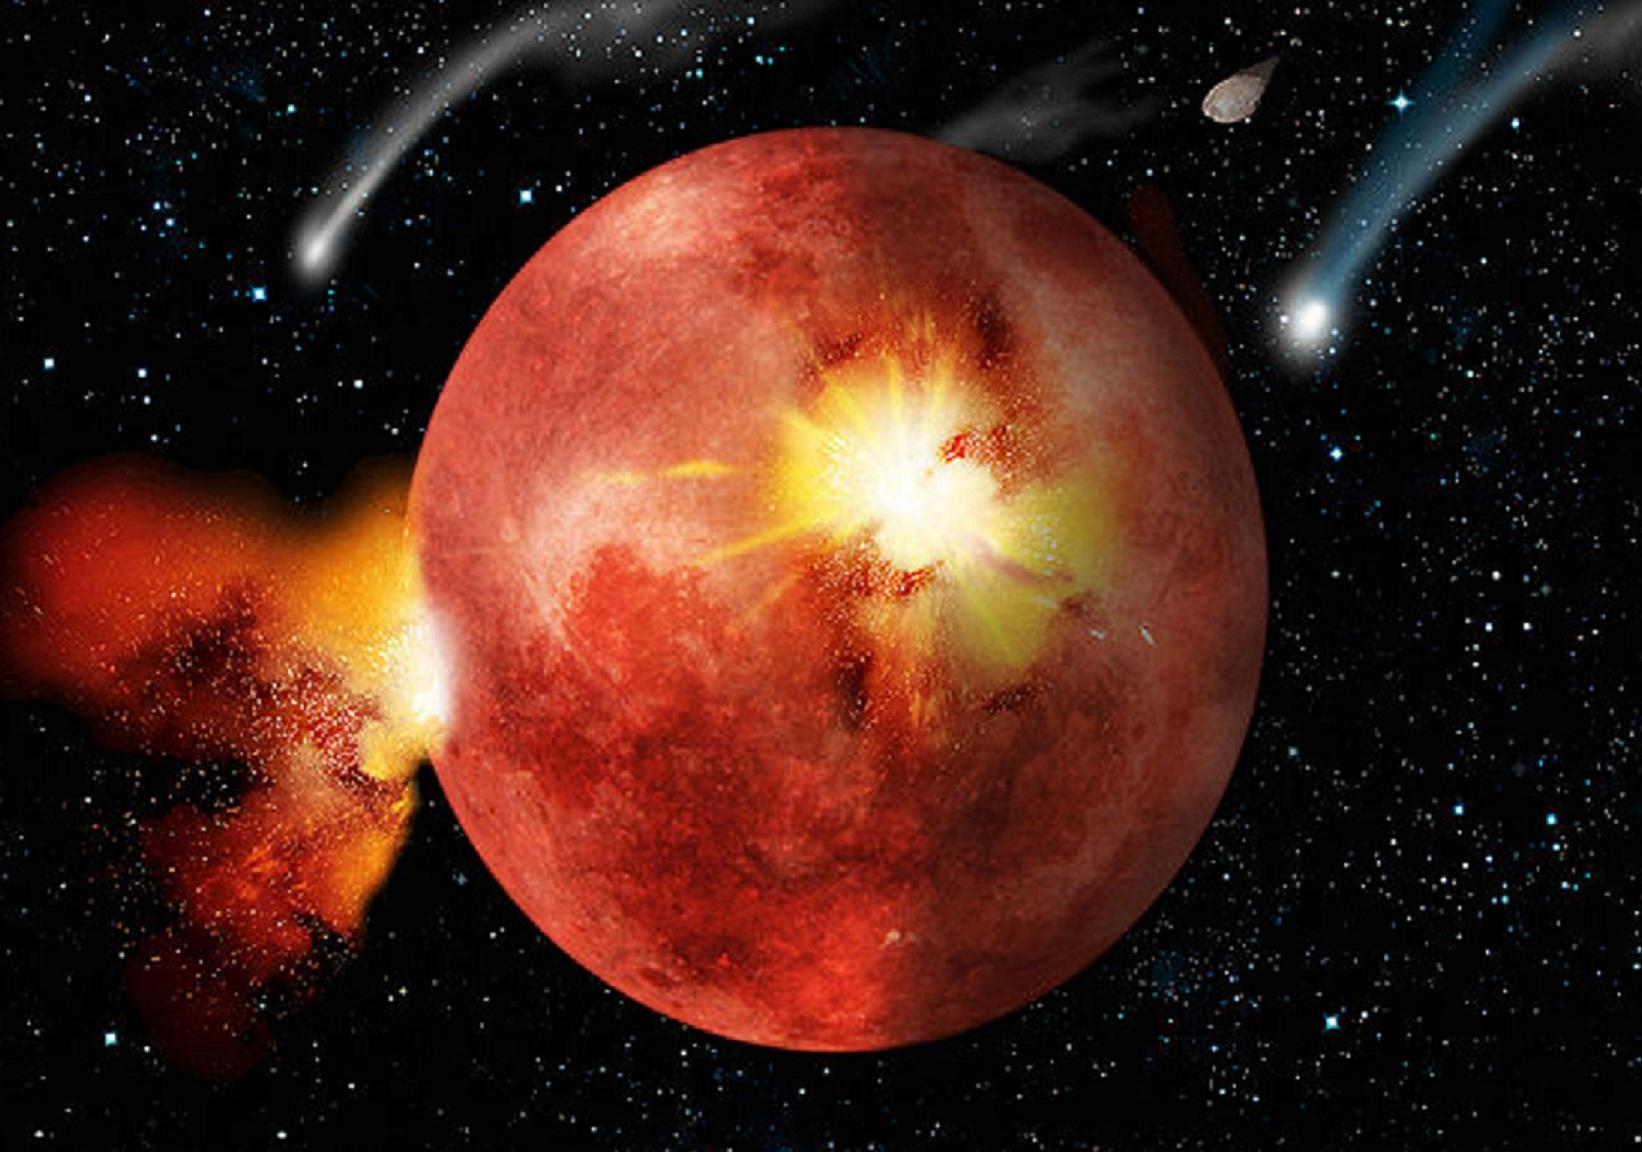 """Obra artística de cómo pudo ser el posible bombardeo intenso tardío. Imagen: """"Lunar cataclysm"""", de Timwether. Fuente:  Disponible bajo la licencia CC BY-SA 3.0 vía Wikimedia Commons."""